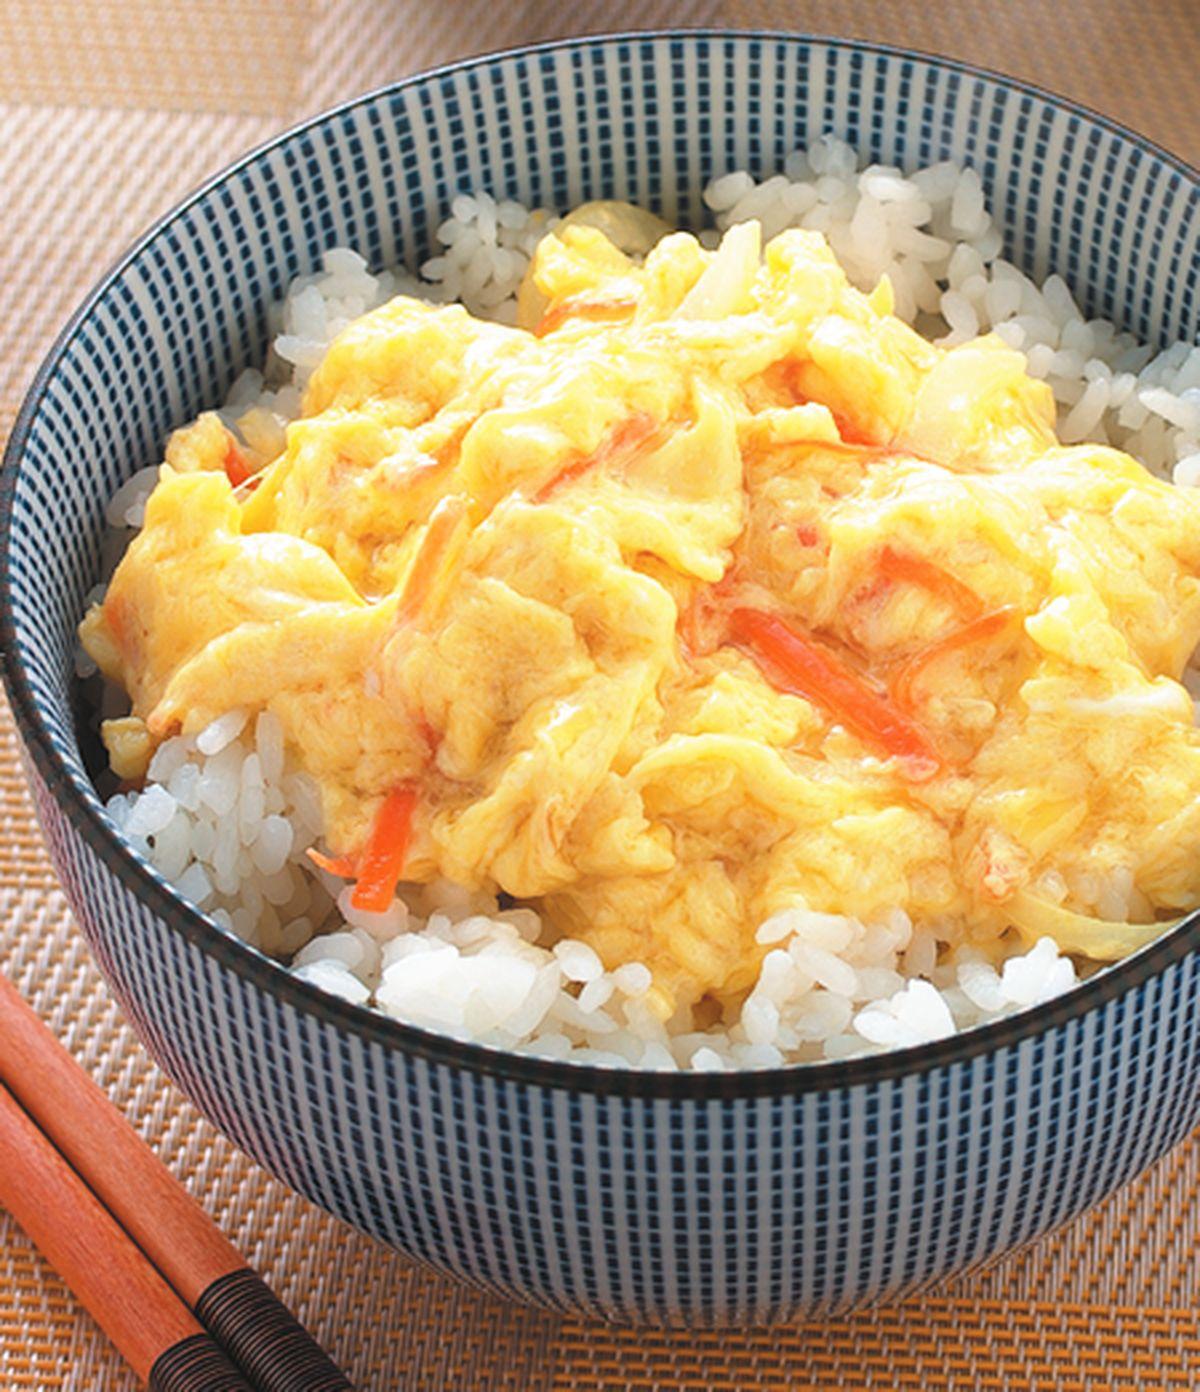 食譜:洋蔥滑蛋蓋飯